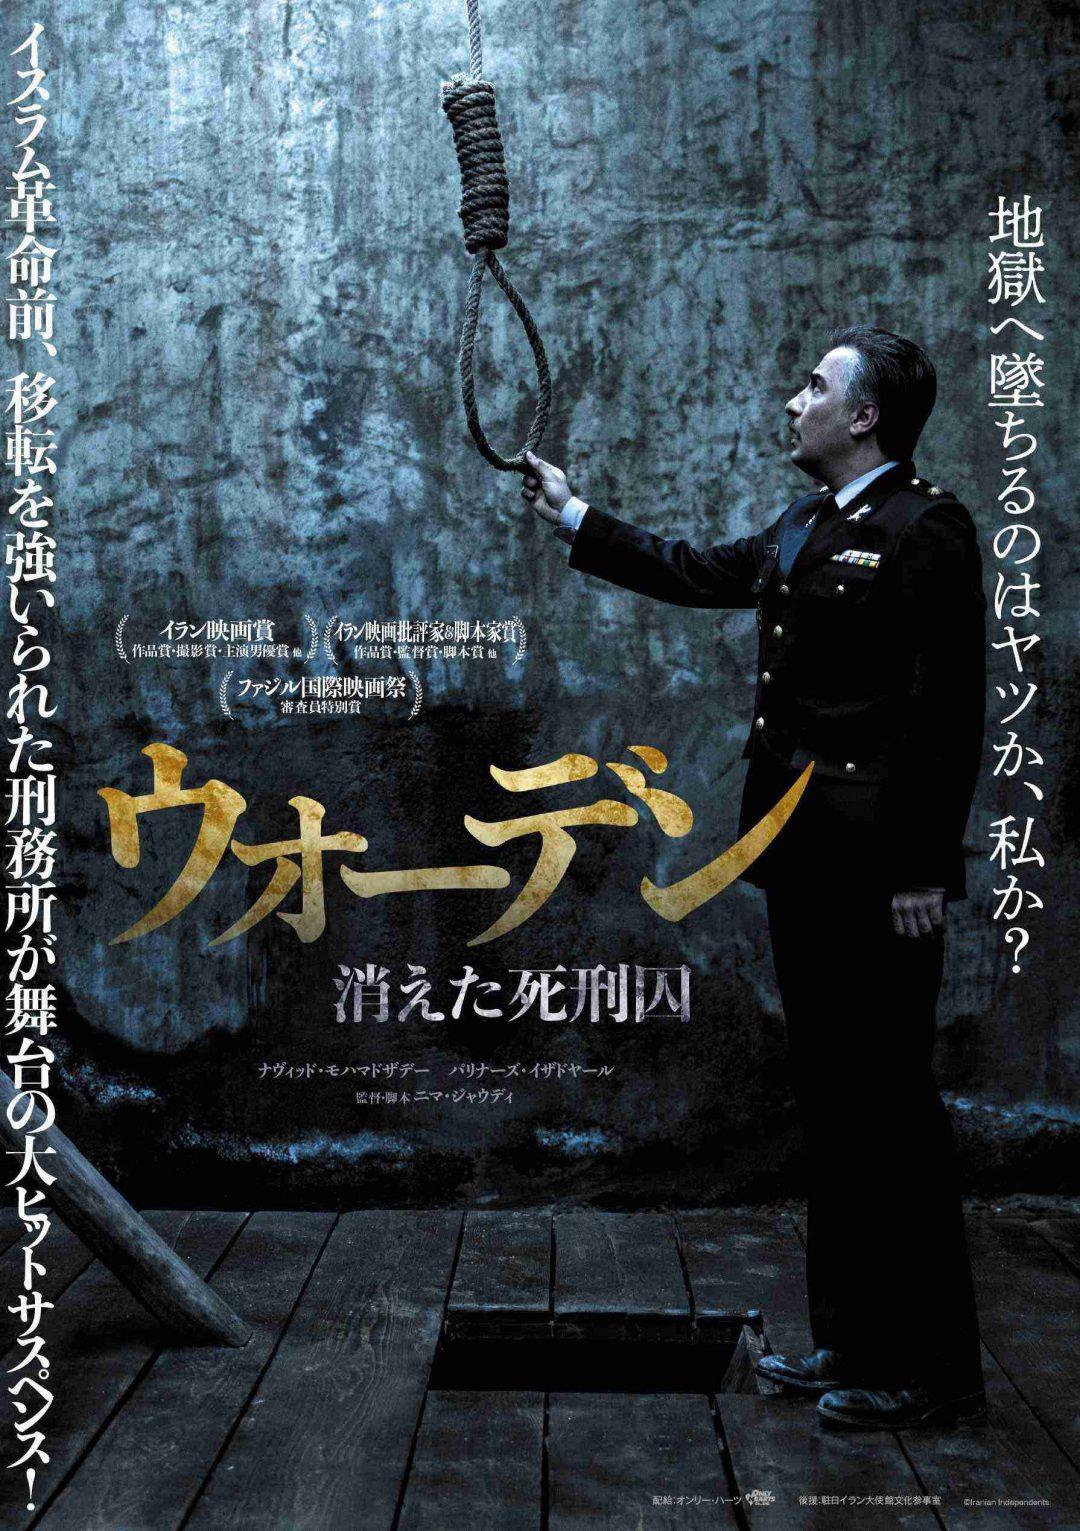 東京国際映画祭W受賞作品『ジャスト 6. 5 闘いの証』と『ウォーデン 消えた死刑囚』 の公開が決定